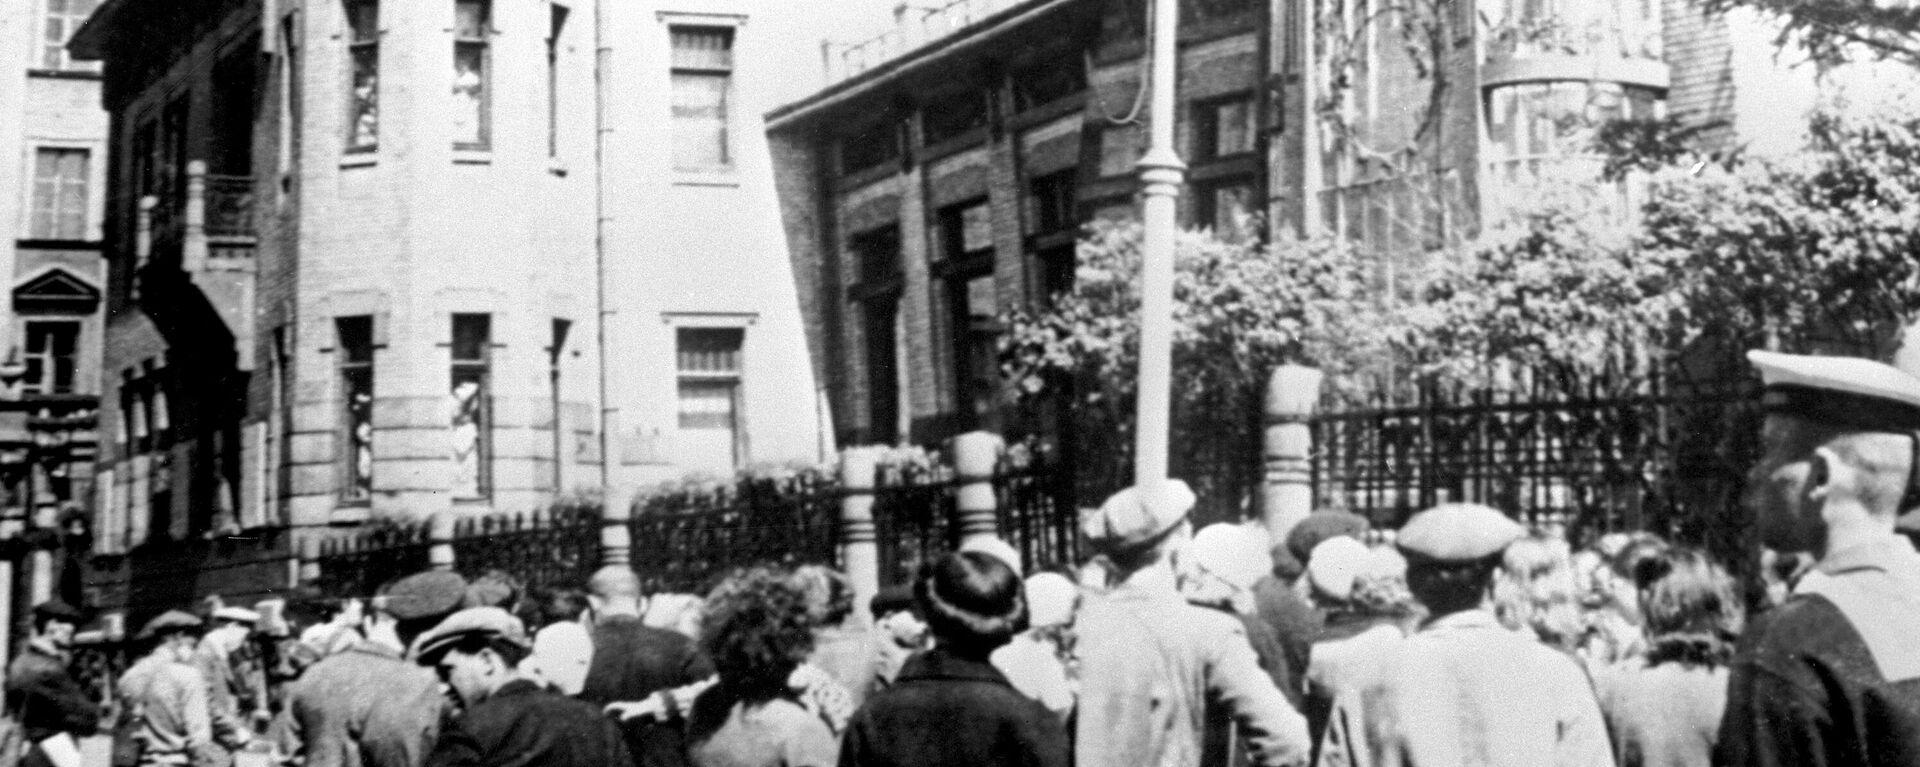 Menschen in Leningrad hören die Ankündigung über den Hitlers Übergriff an, 22. Juni 1941 - SNA, 1920, 14.05.2021